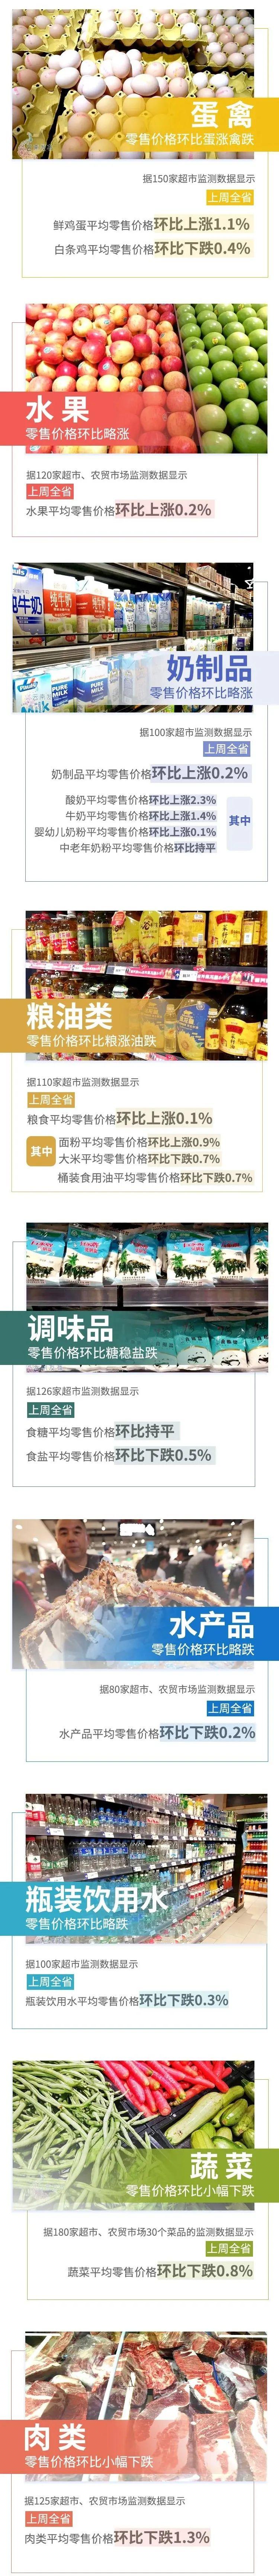 【民生】4涨7跌!上周云南省生活必需品零售价格情况来了→图片